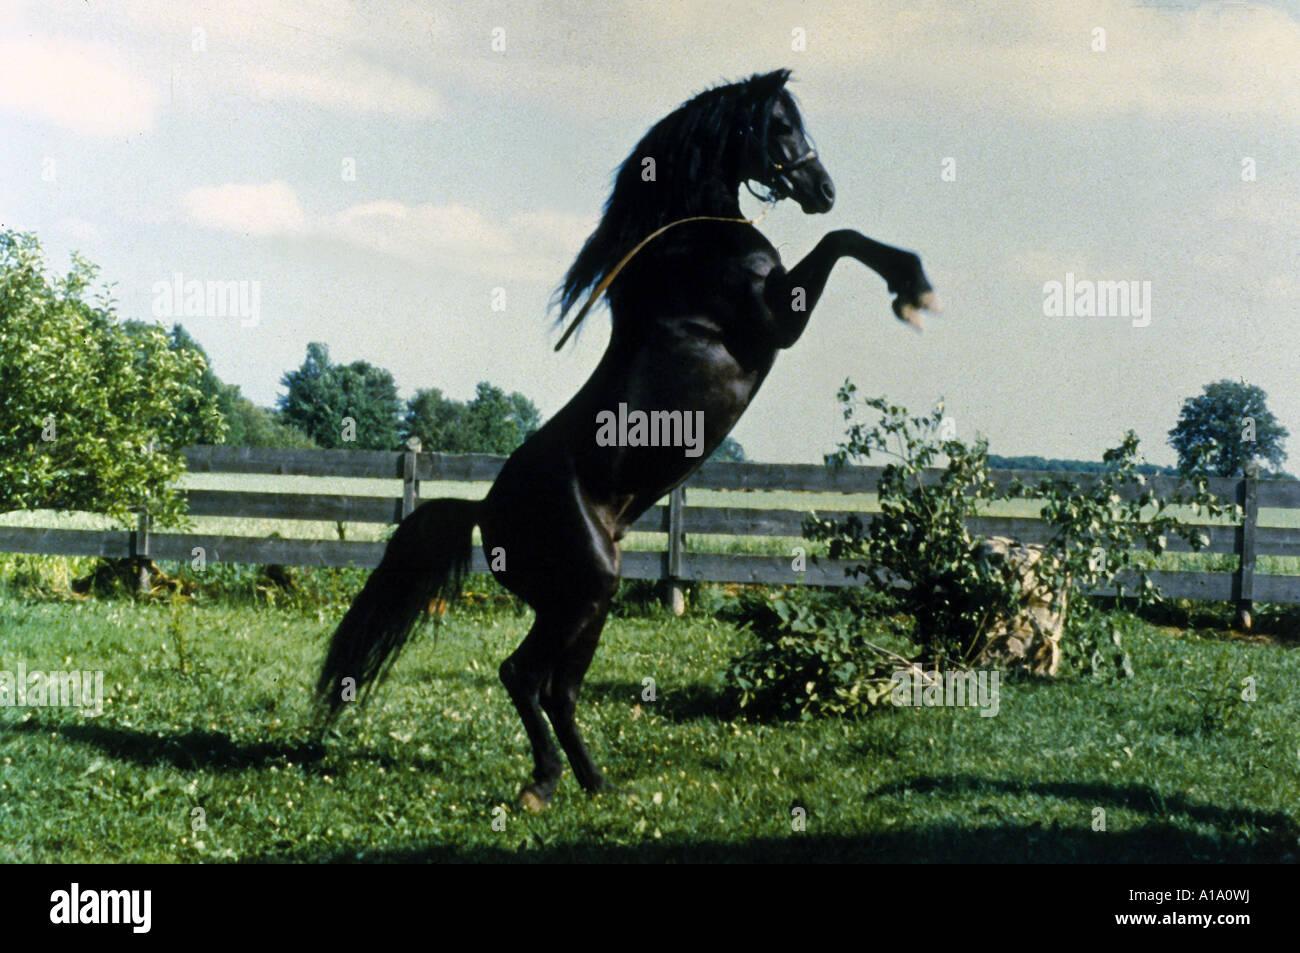 The Black Stallion Year 1979 Director Carroll Ballard - Stock Image